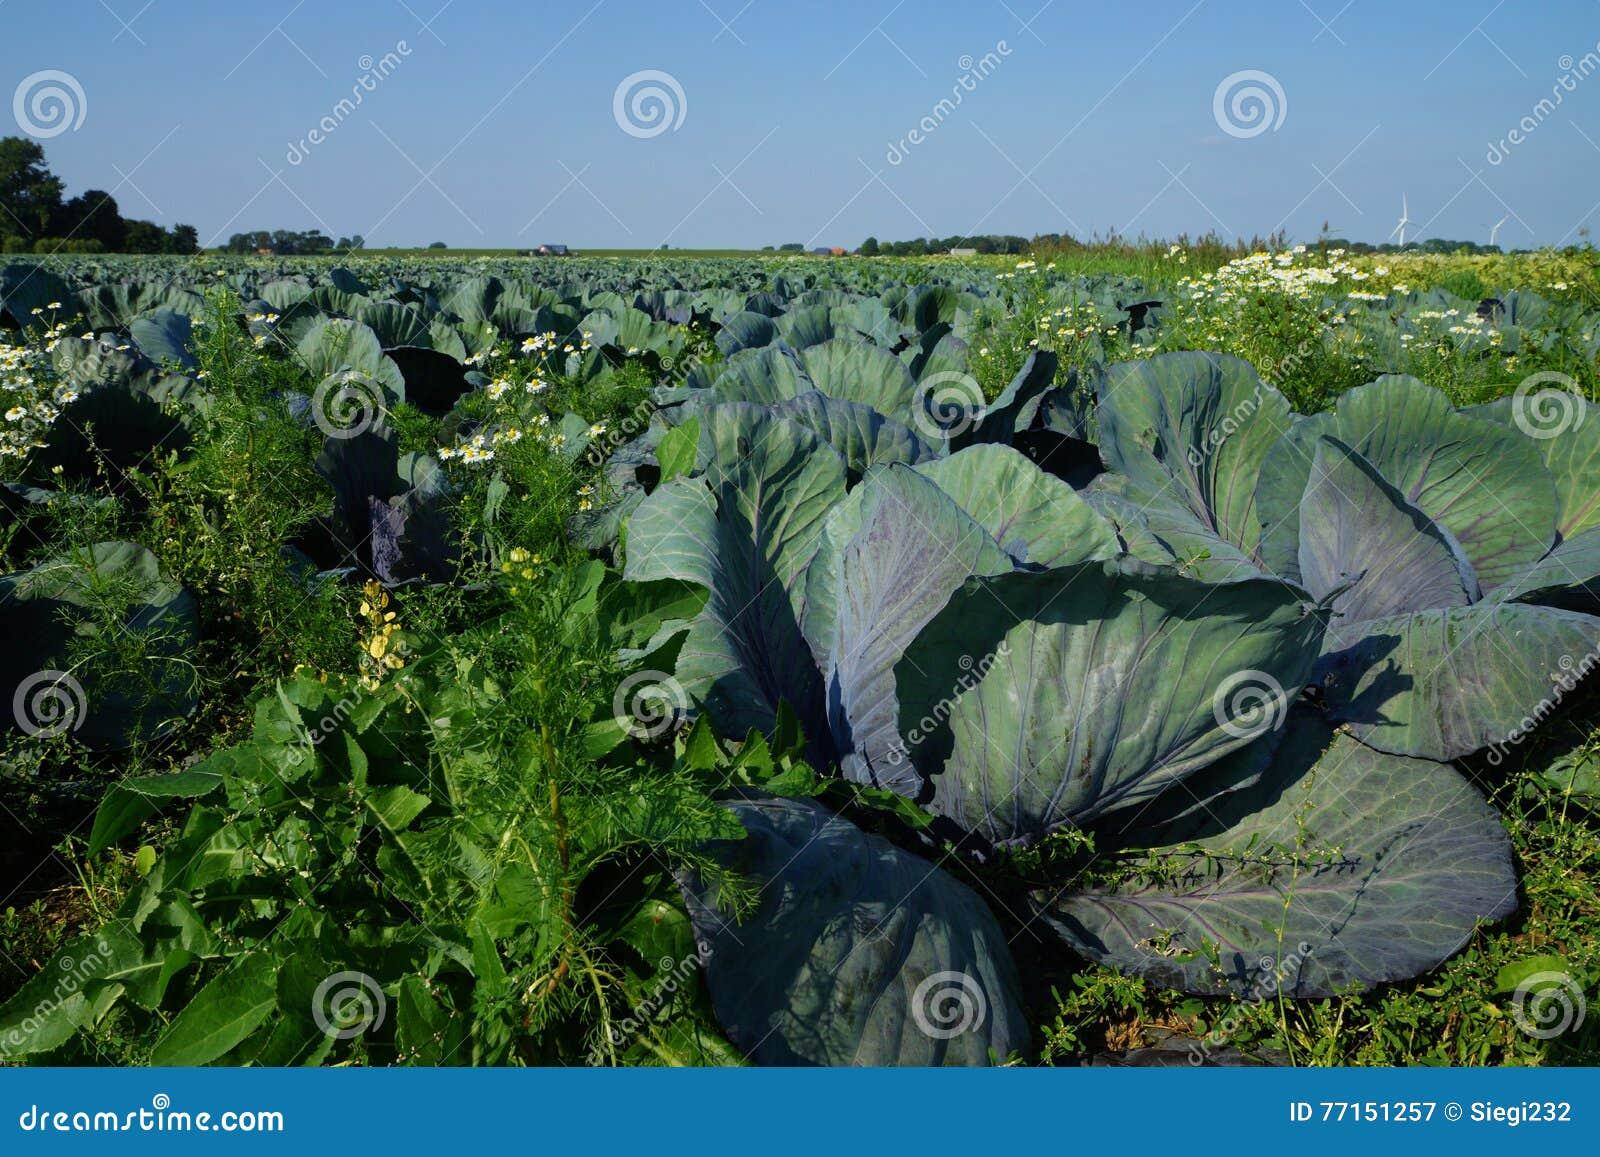 Champ végétal avec des usines de chou